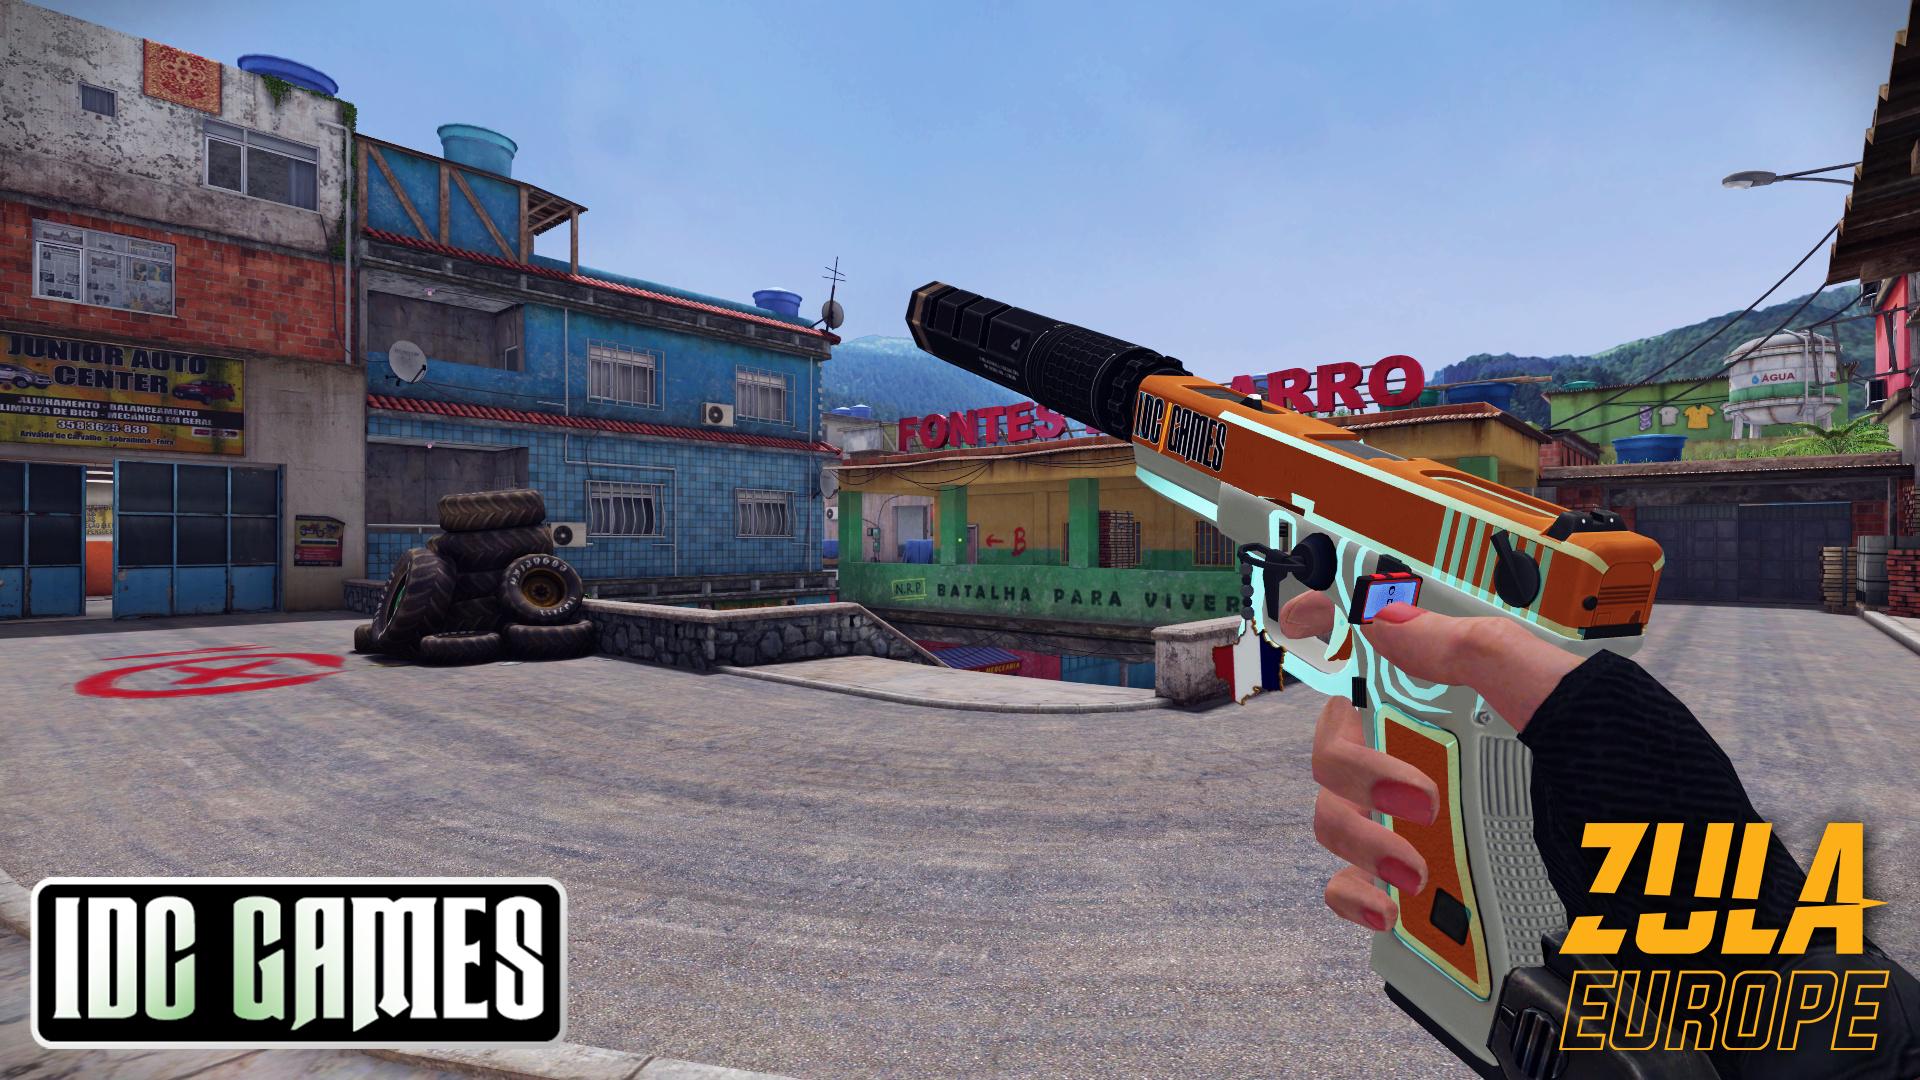 Glock 18 - Favela